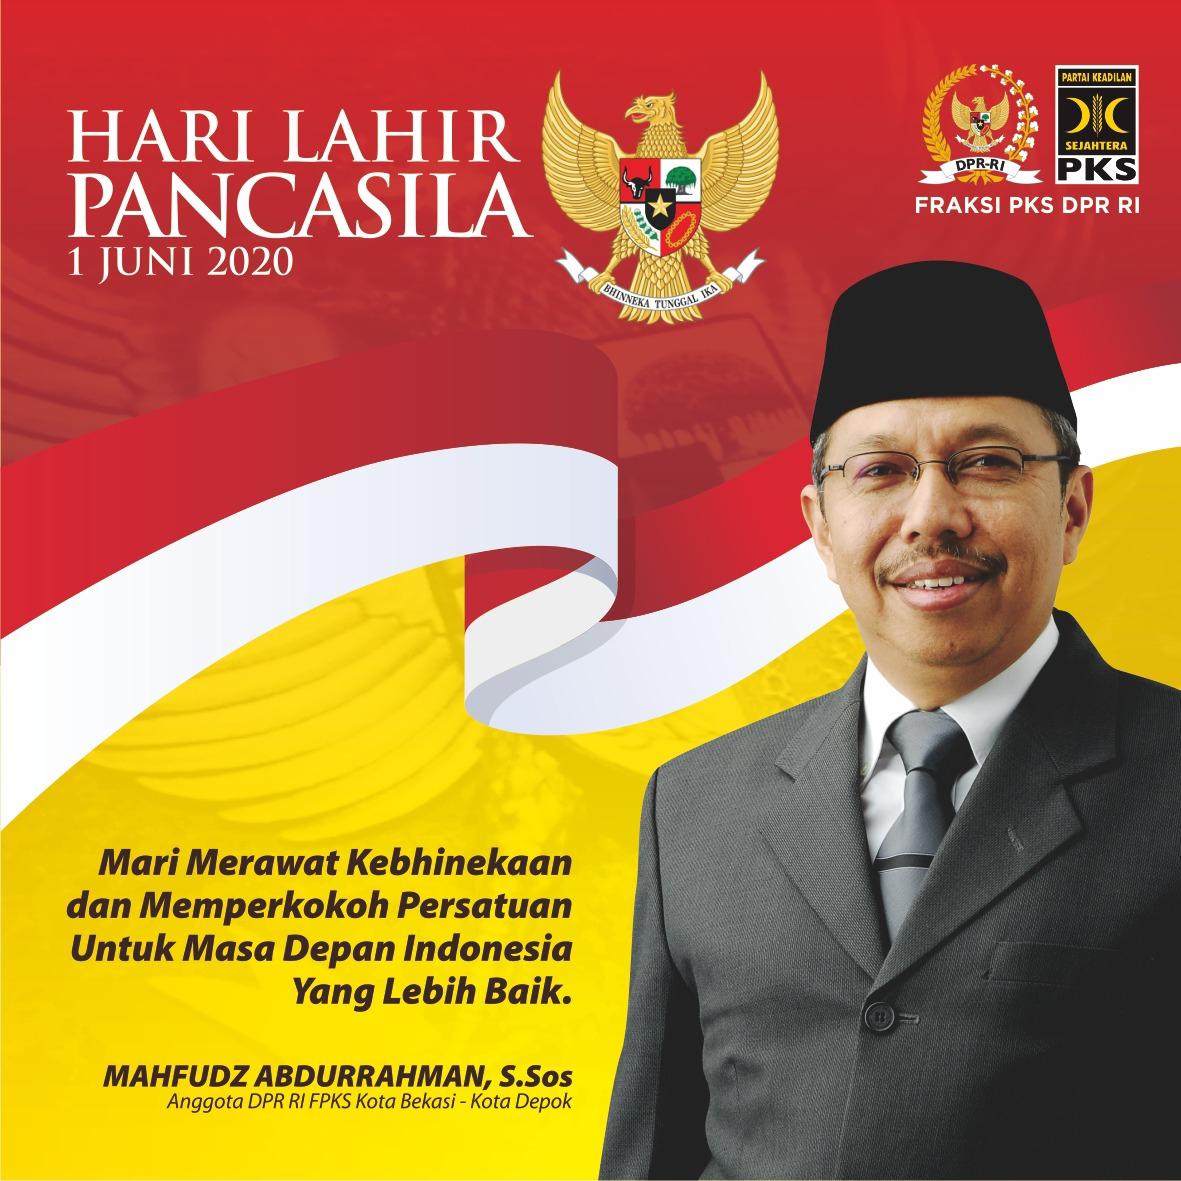 """Mahfudz Abdurrahman """"mari merawat kebhinekaan dan memperkokoh persatuan untuk masa depan Indonesia yang lebih baik"""""""